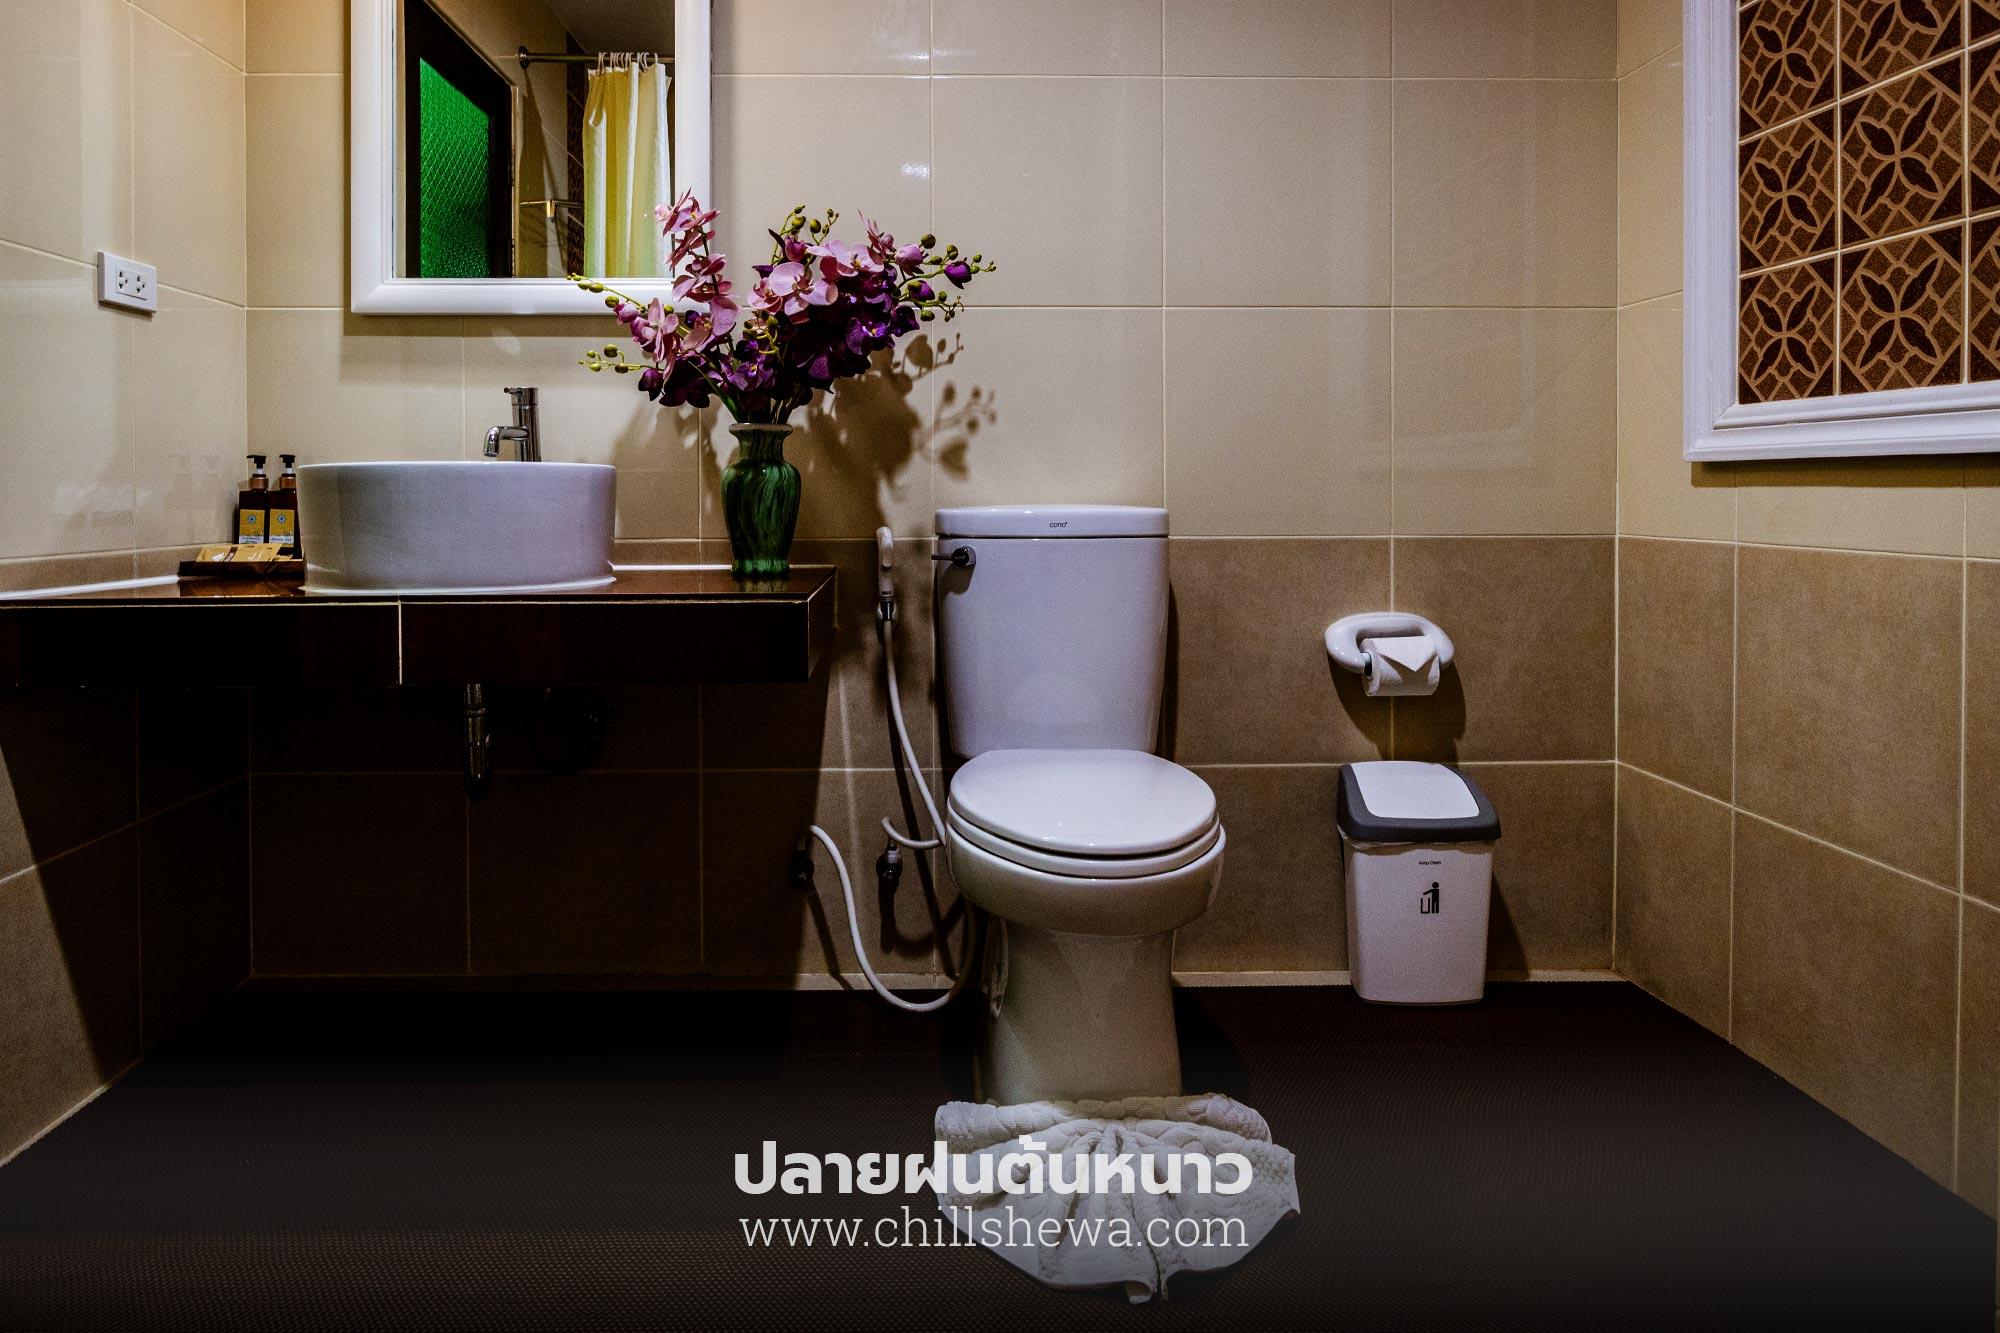 Krabi Front Bay Resort กระบี่ ฟร้อนท์ เบย์ รีสอร์ท krabi front bay resort Krabi Front Bay Resort กระบี่ ฟร้อนท์ เบย์ รีสอร์ท Krabi Front Bay Resort 12